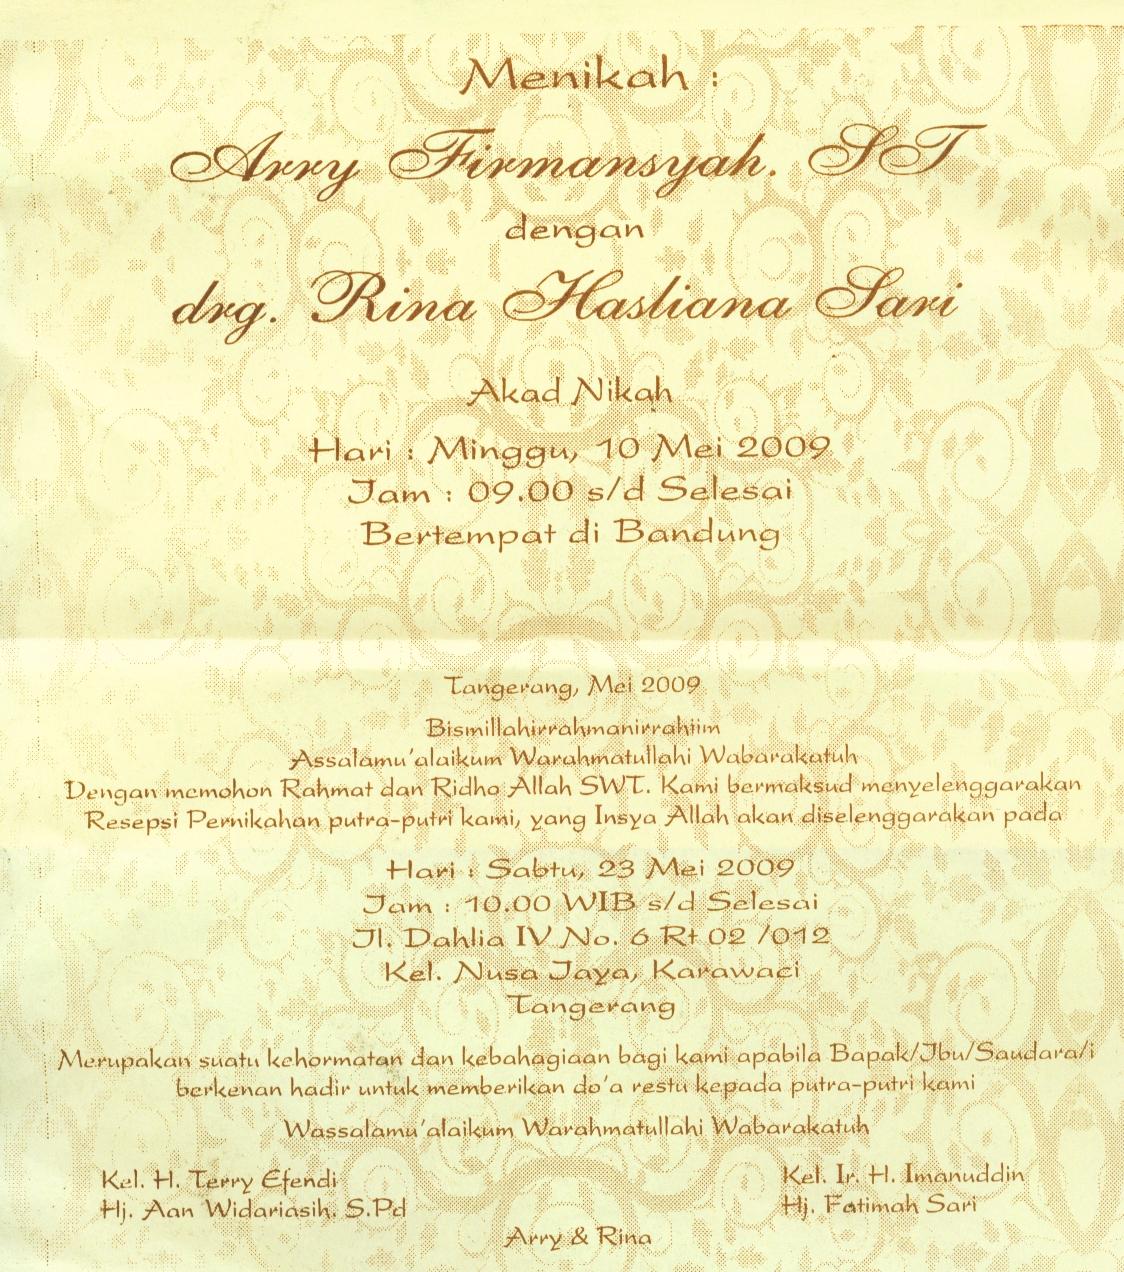 Undangan Syukuran Pernikahan Arry Rina Tangerang 23 May 2009